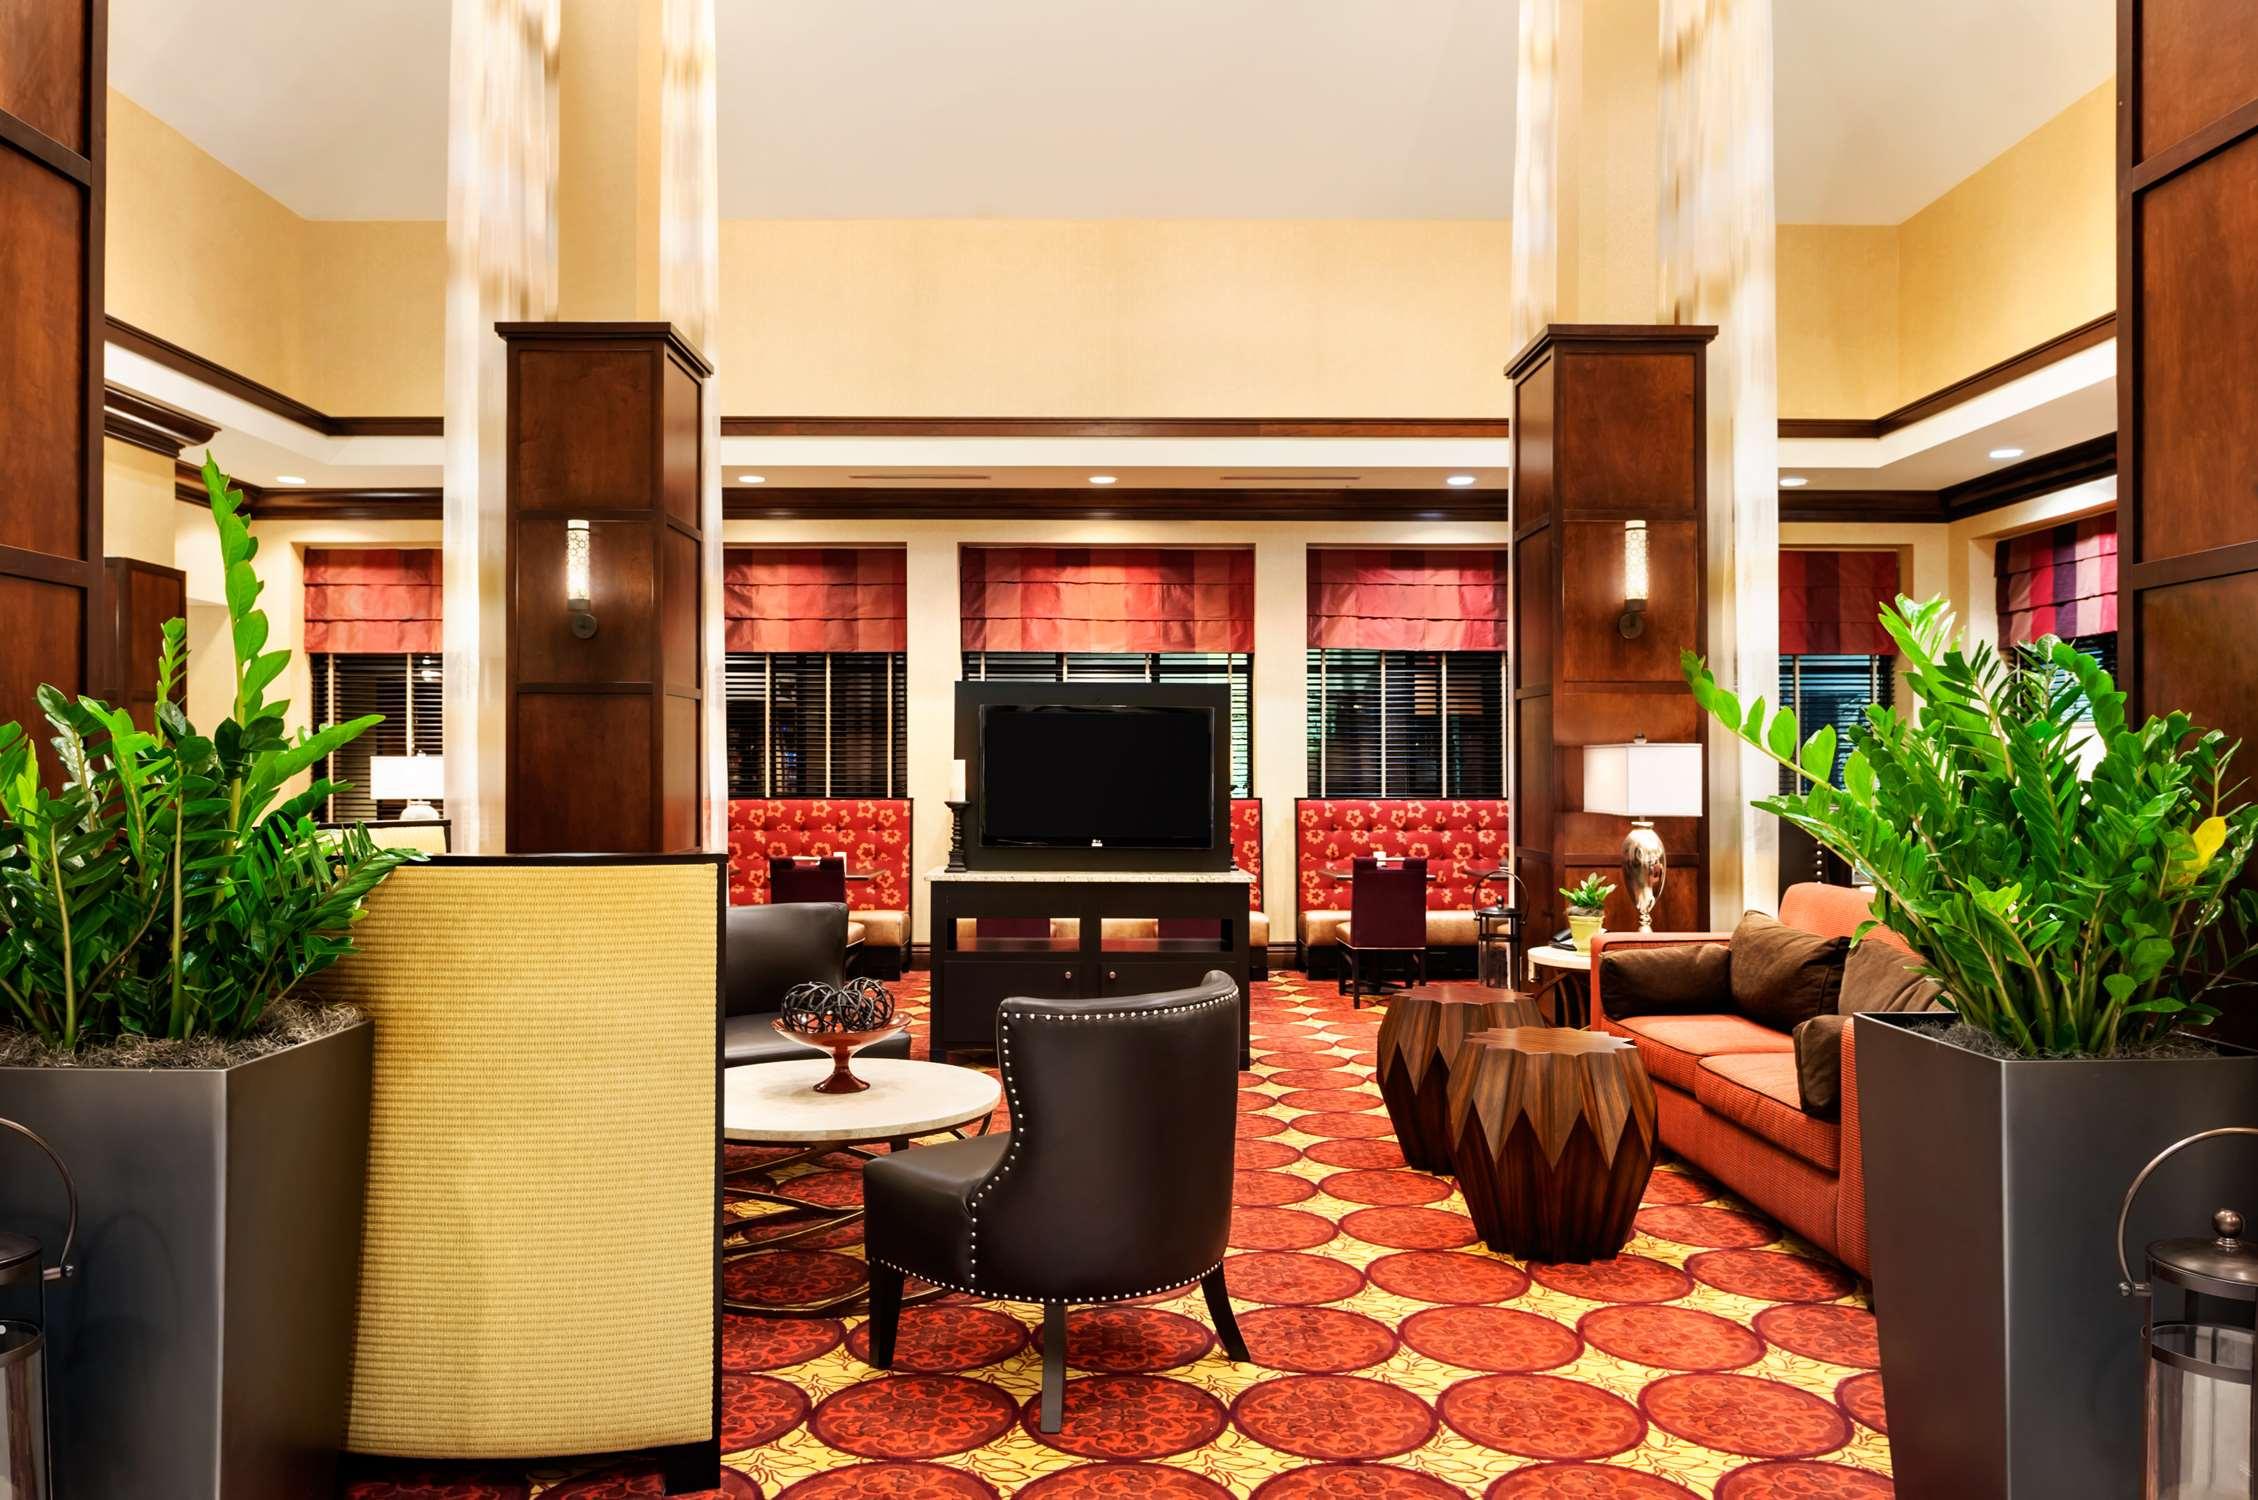 Hilton Garden Inn Shreveport Bossier City image 0